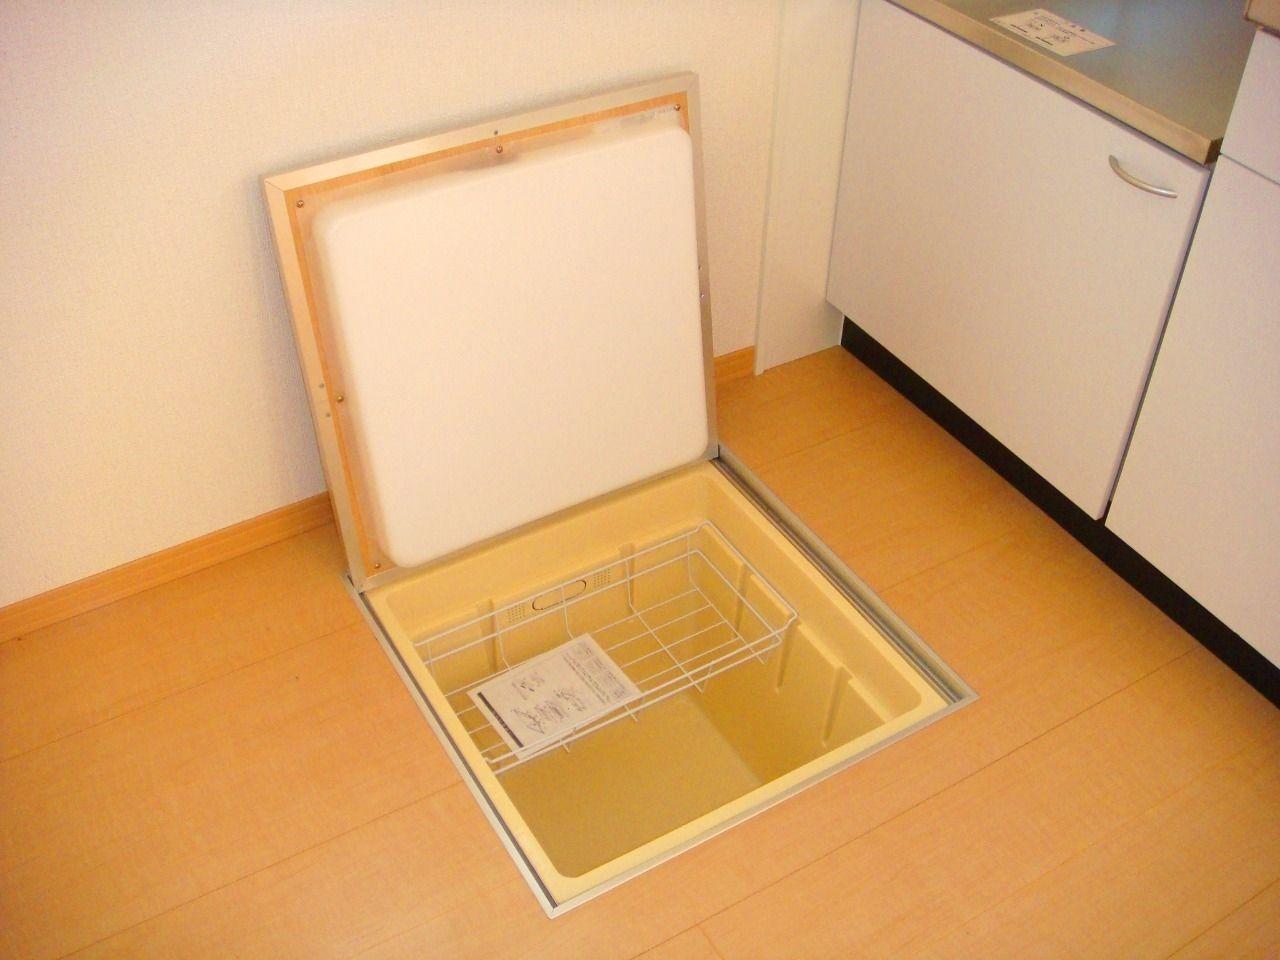 一階の特権!床下収納付きです♪食品であれば乾物や缶詰、瓶詰などで、多少の気温差があっても保存に問題ない物をしまうことがおすすめです。